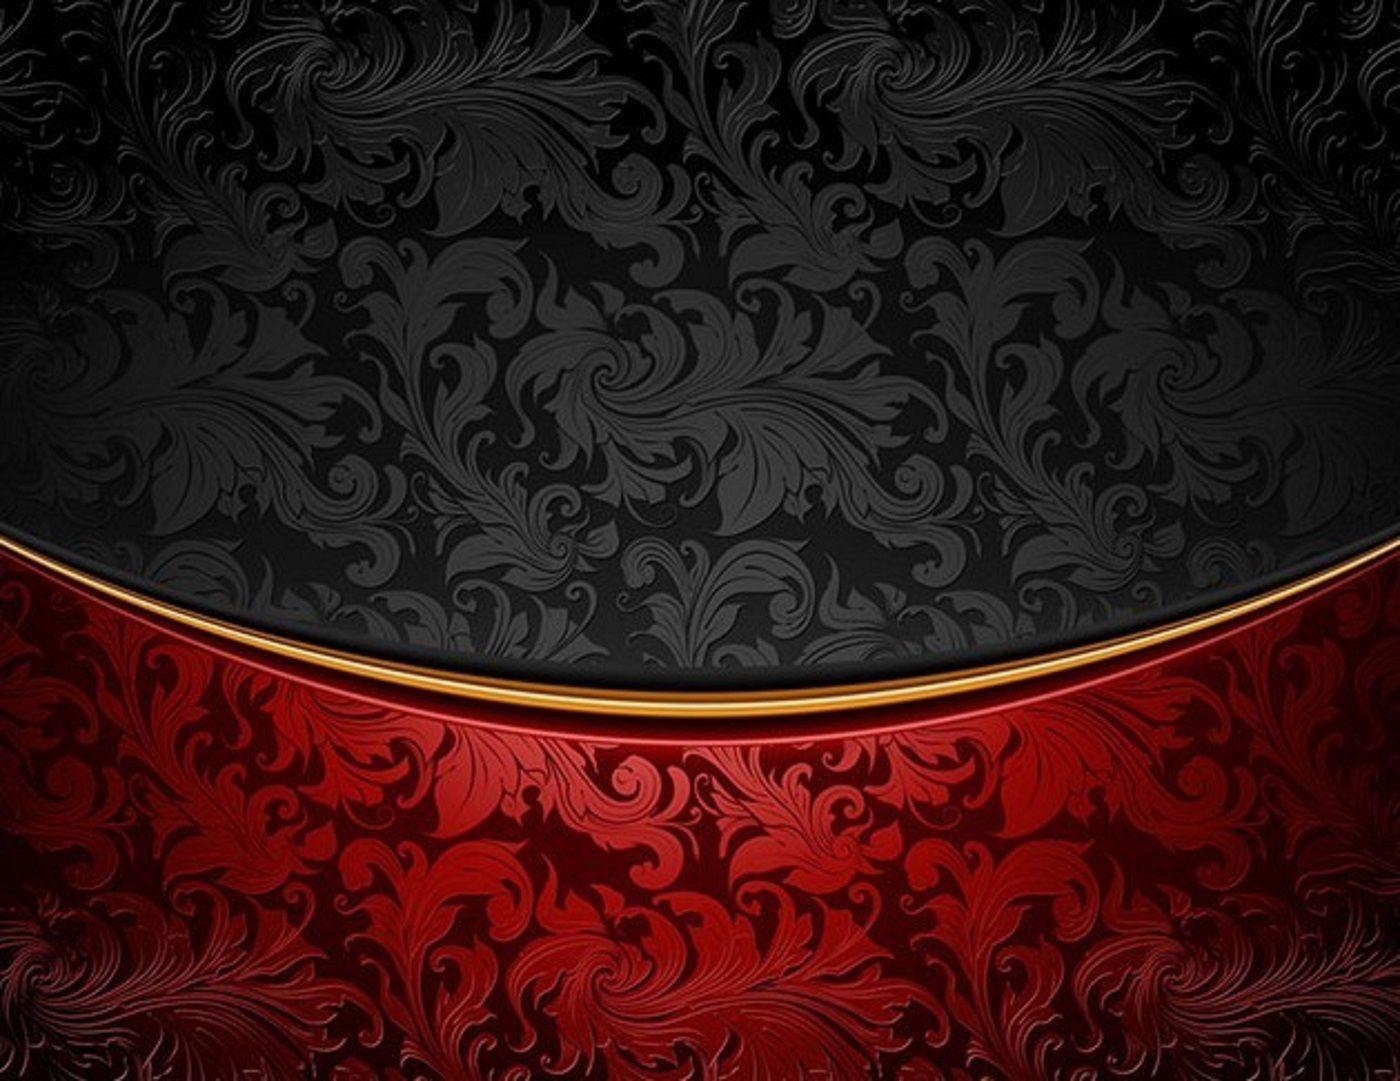 Vintage Red Black Floral Background Vector1 1400x